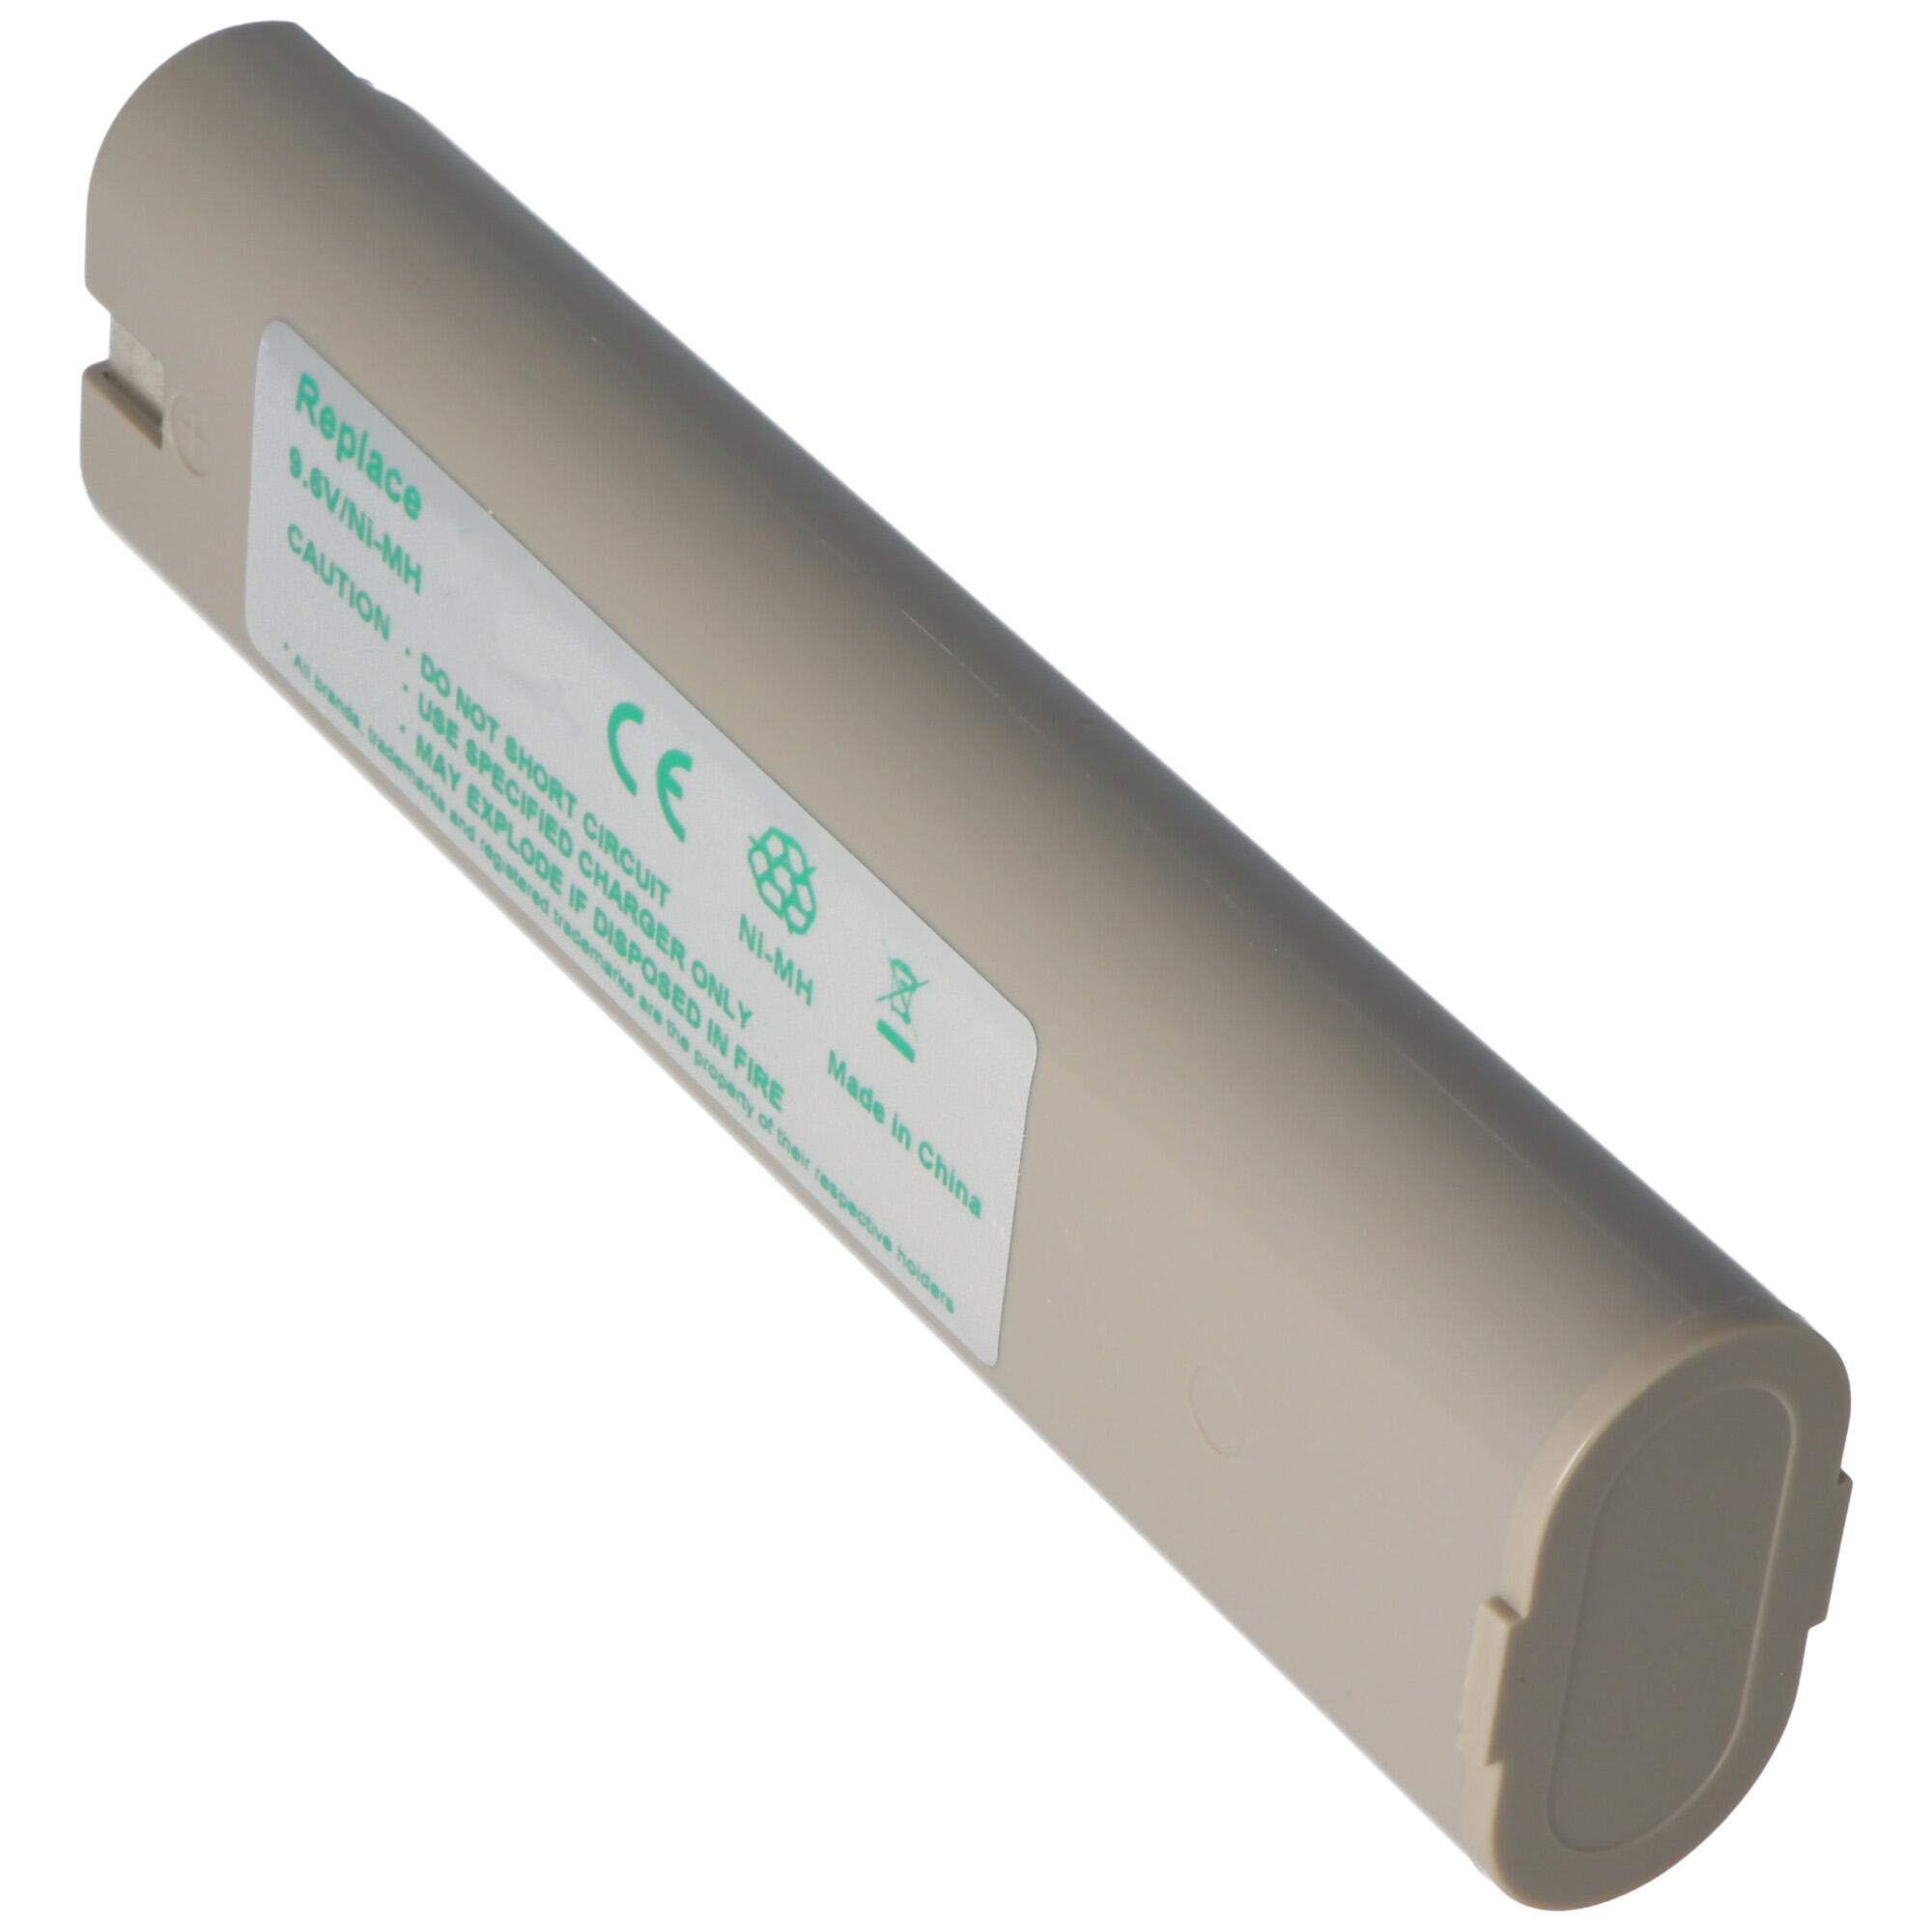 Batteria 9,6V 1500mAh Ni-MH per Makita 9100,9101,9102,9120,9122,9133,9134,9135